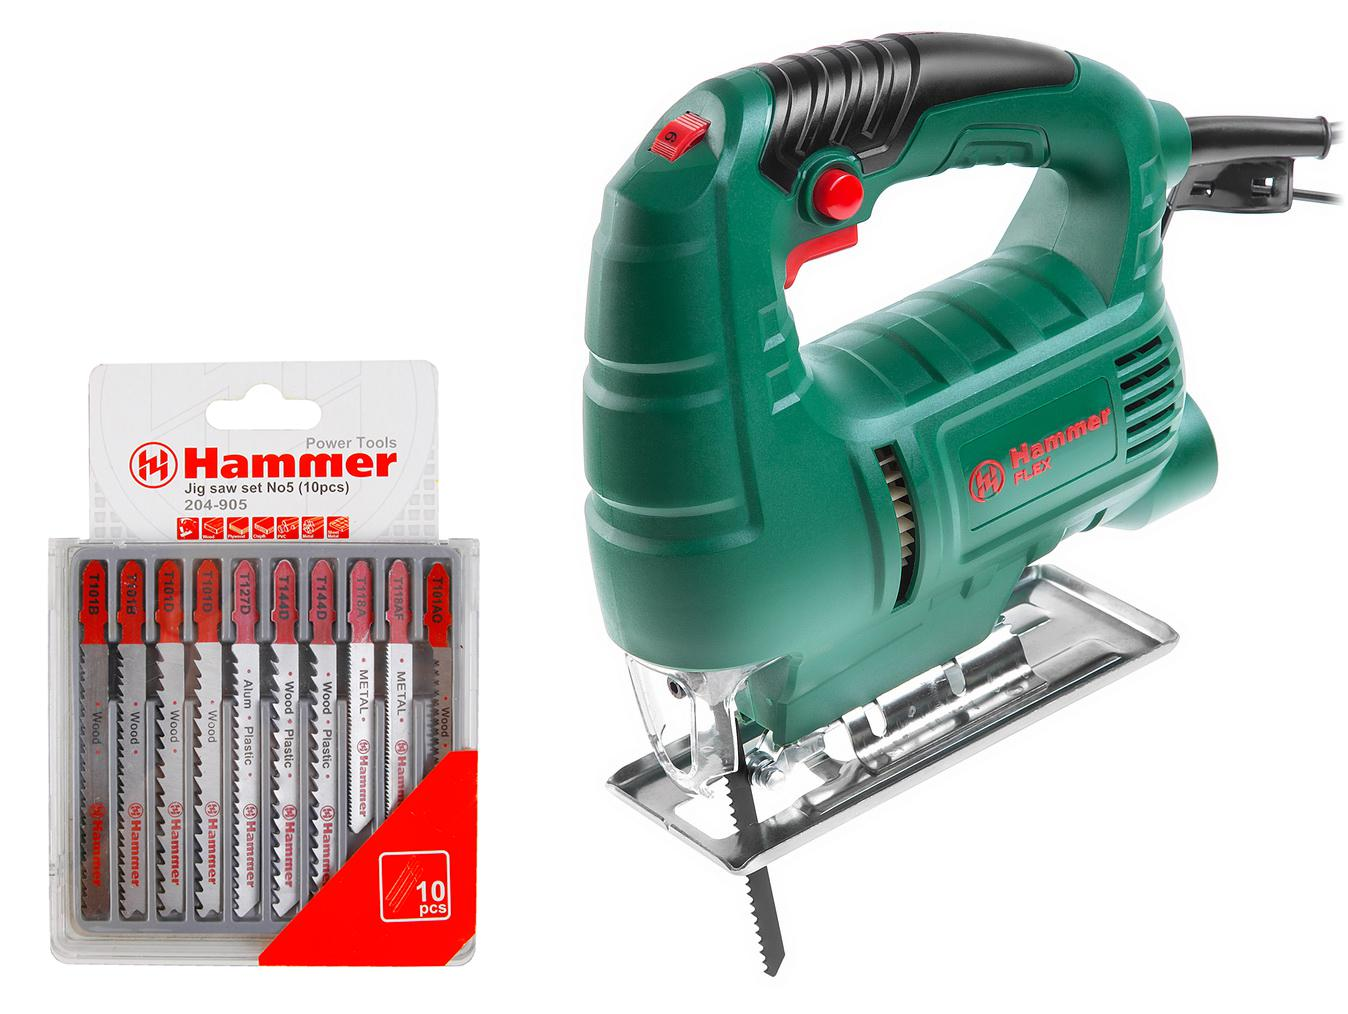 Набор Hammer Лобзик lzk550l + набор пилок 204-905 hammer lzk550l